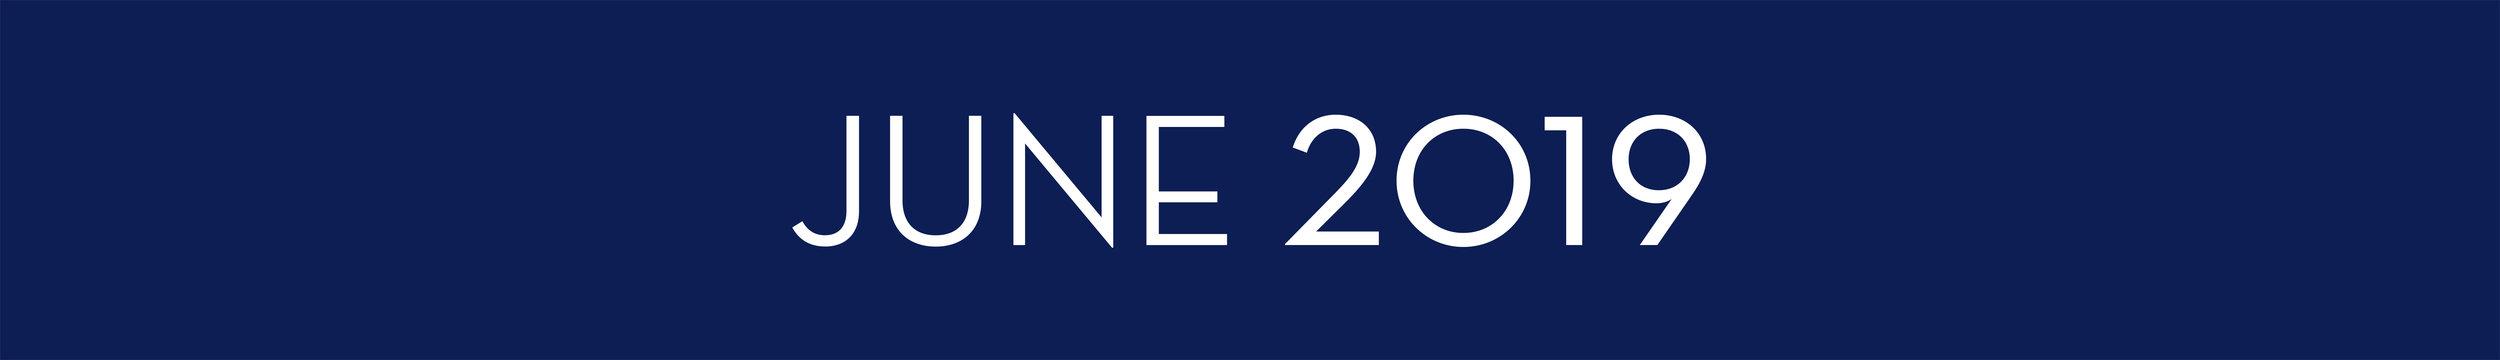 1701 June 2019 Banner.jpg